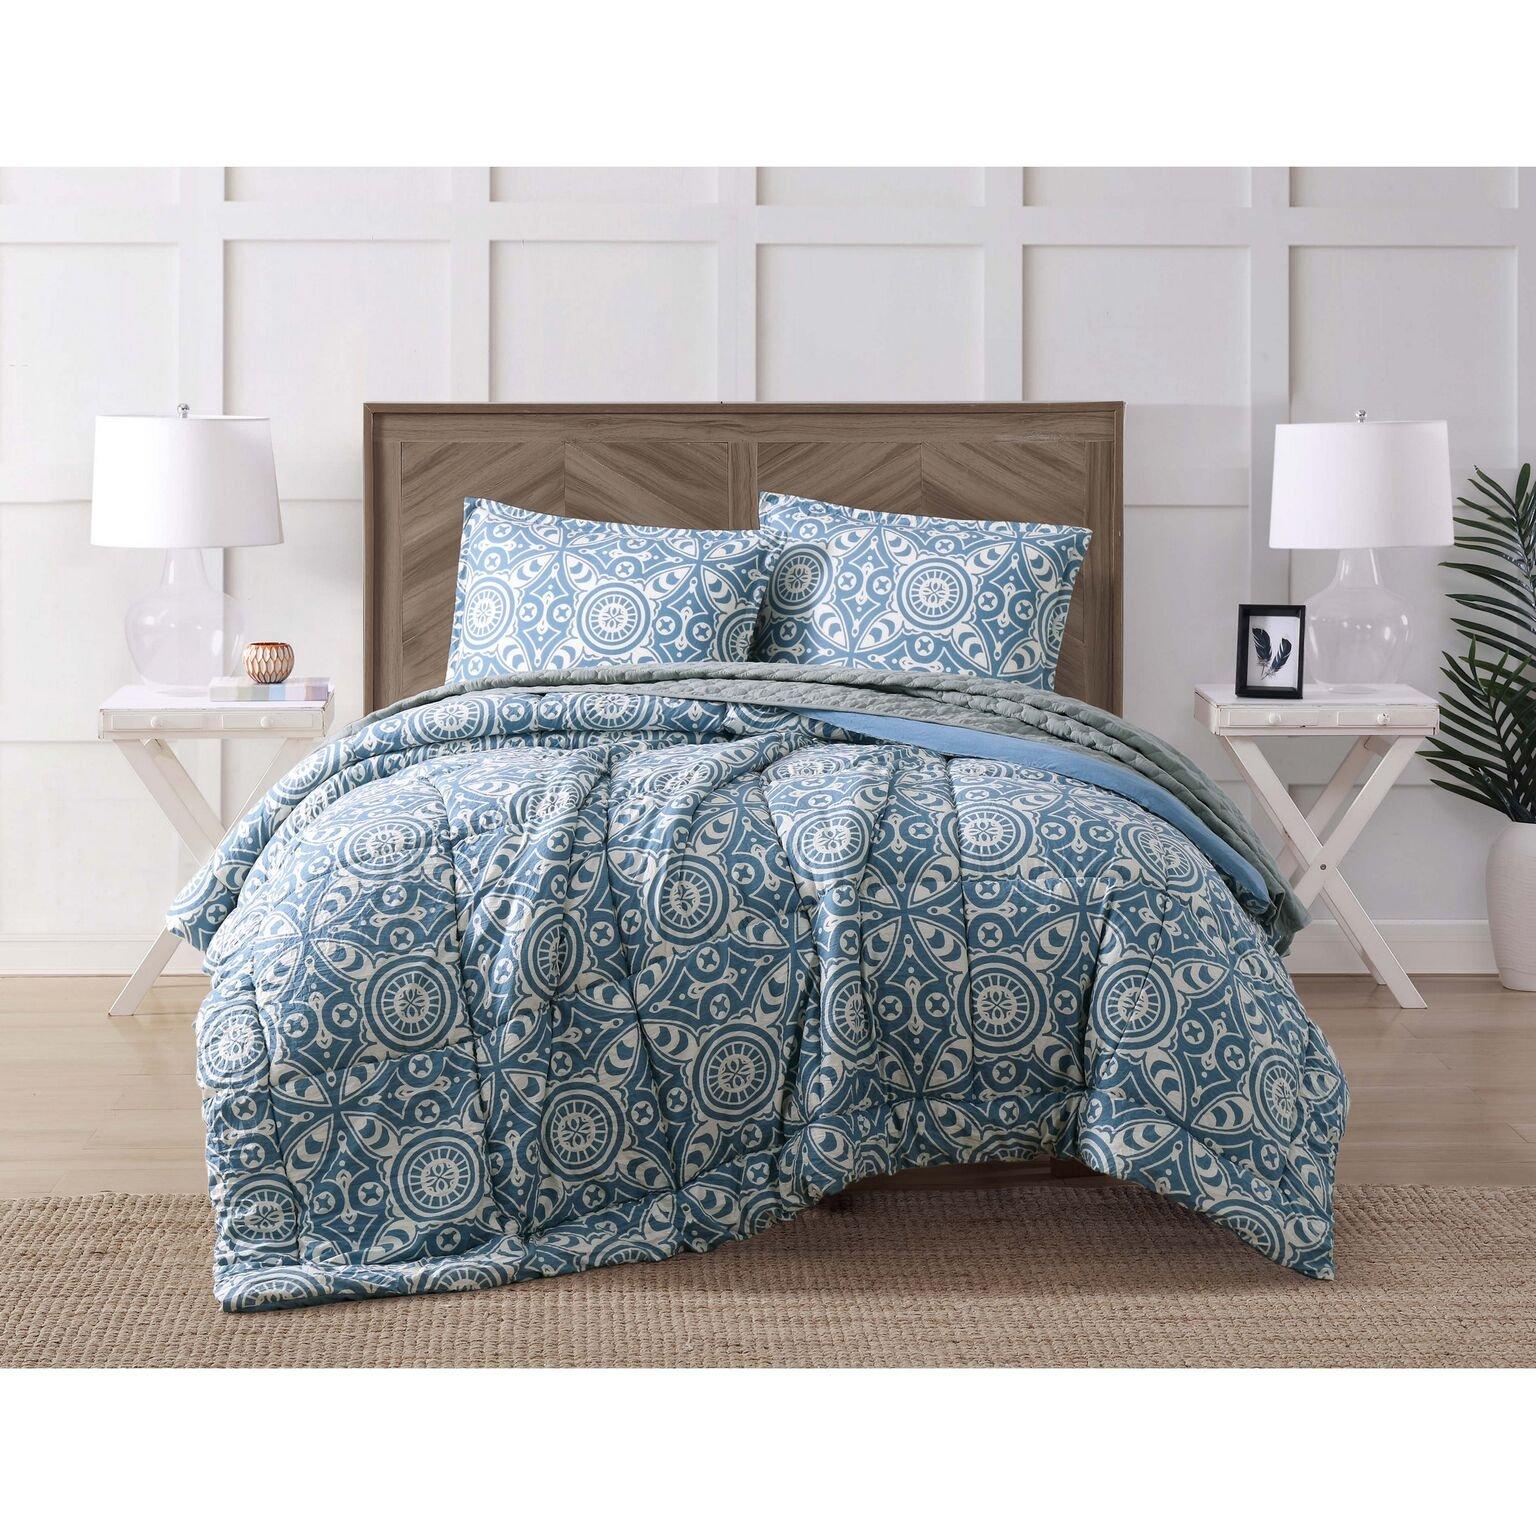 Brooklyn Loom CS2243FQ4-1500 Pine Harbor 4 Piece Queen Comforter Set, Full